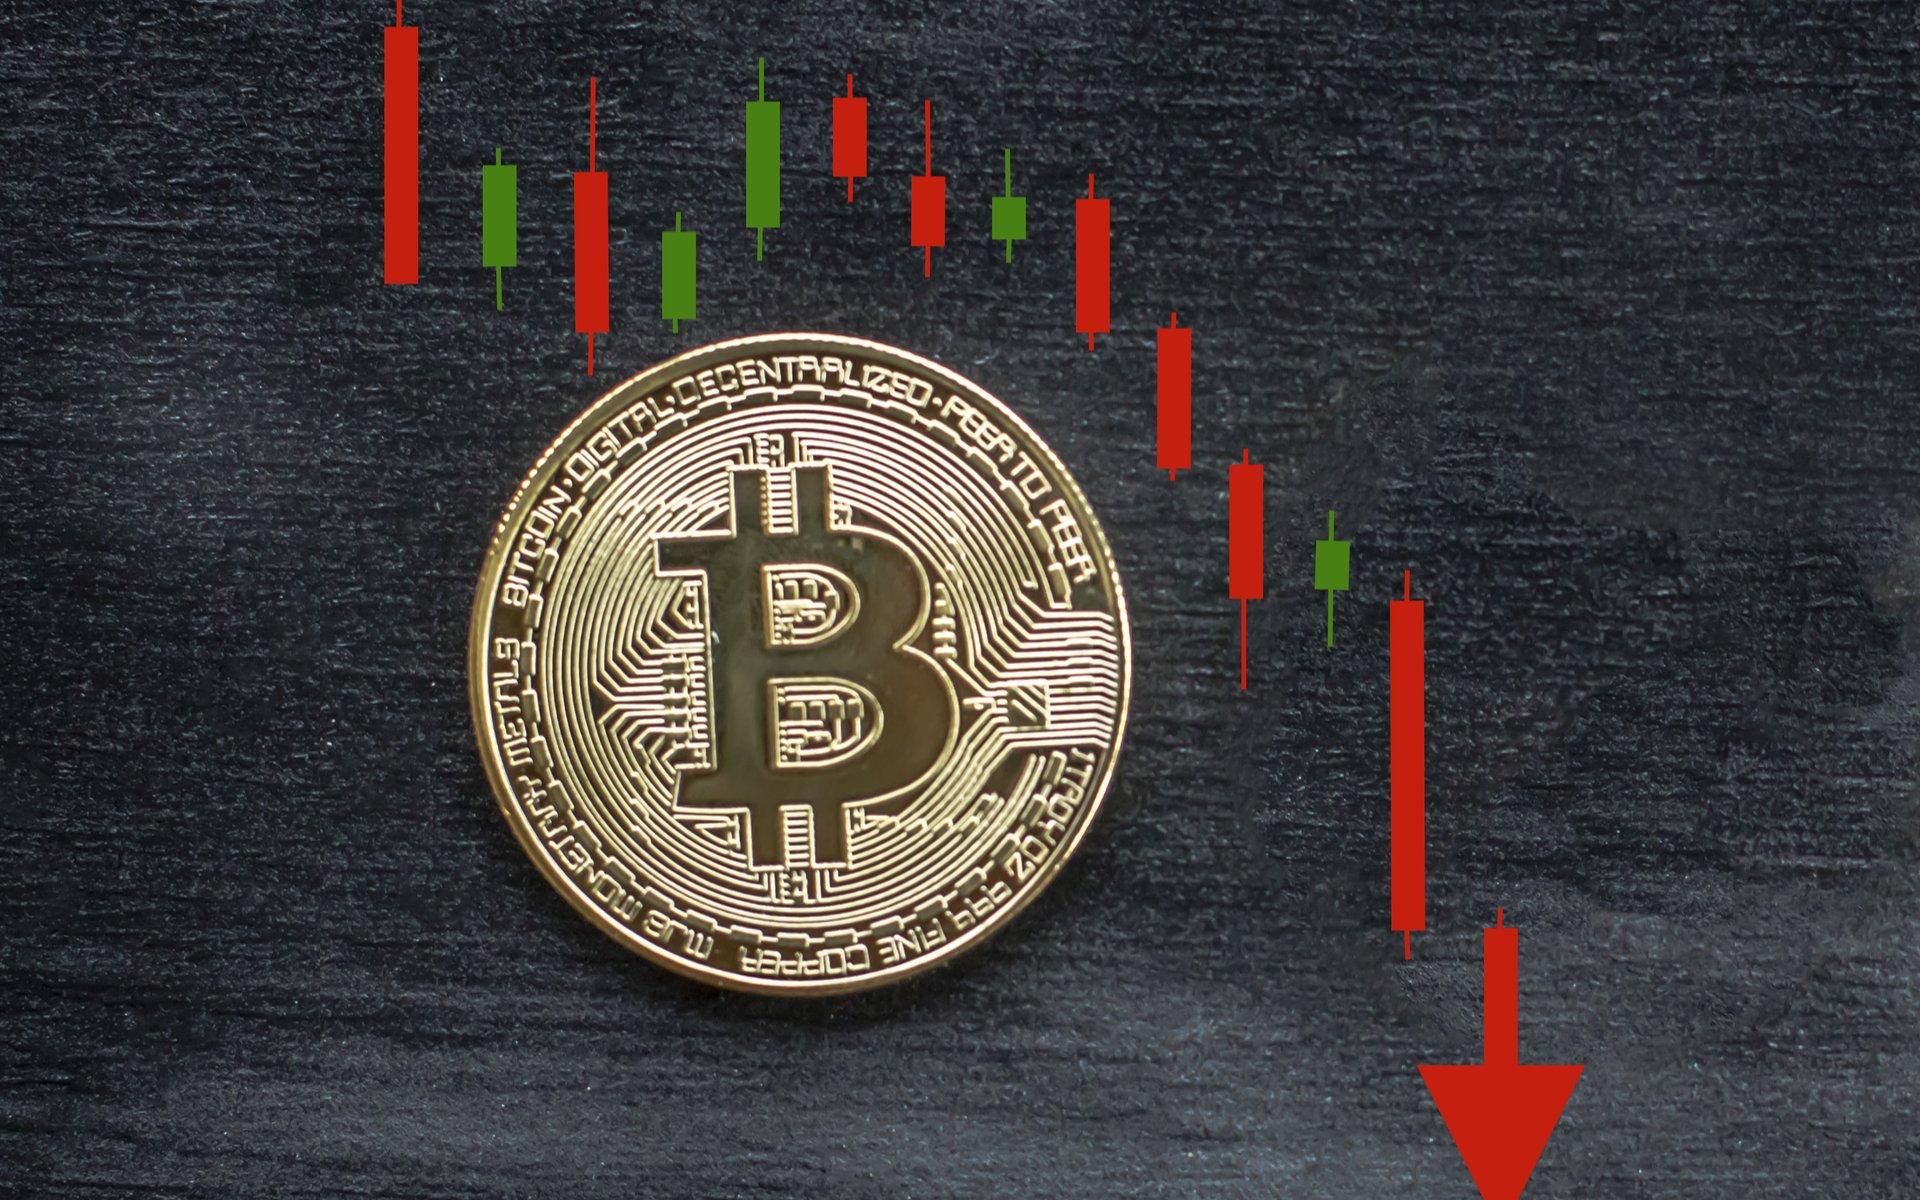 kripto para piyasalarında